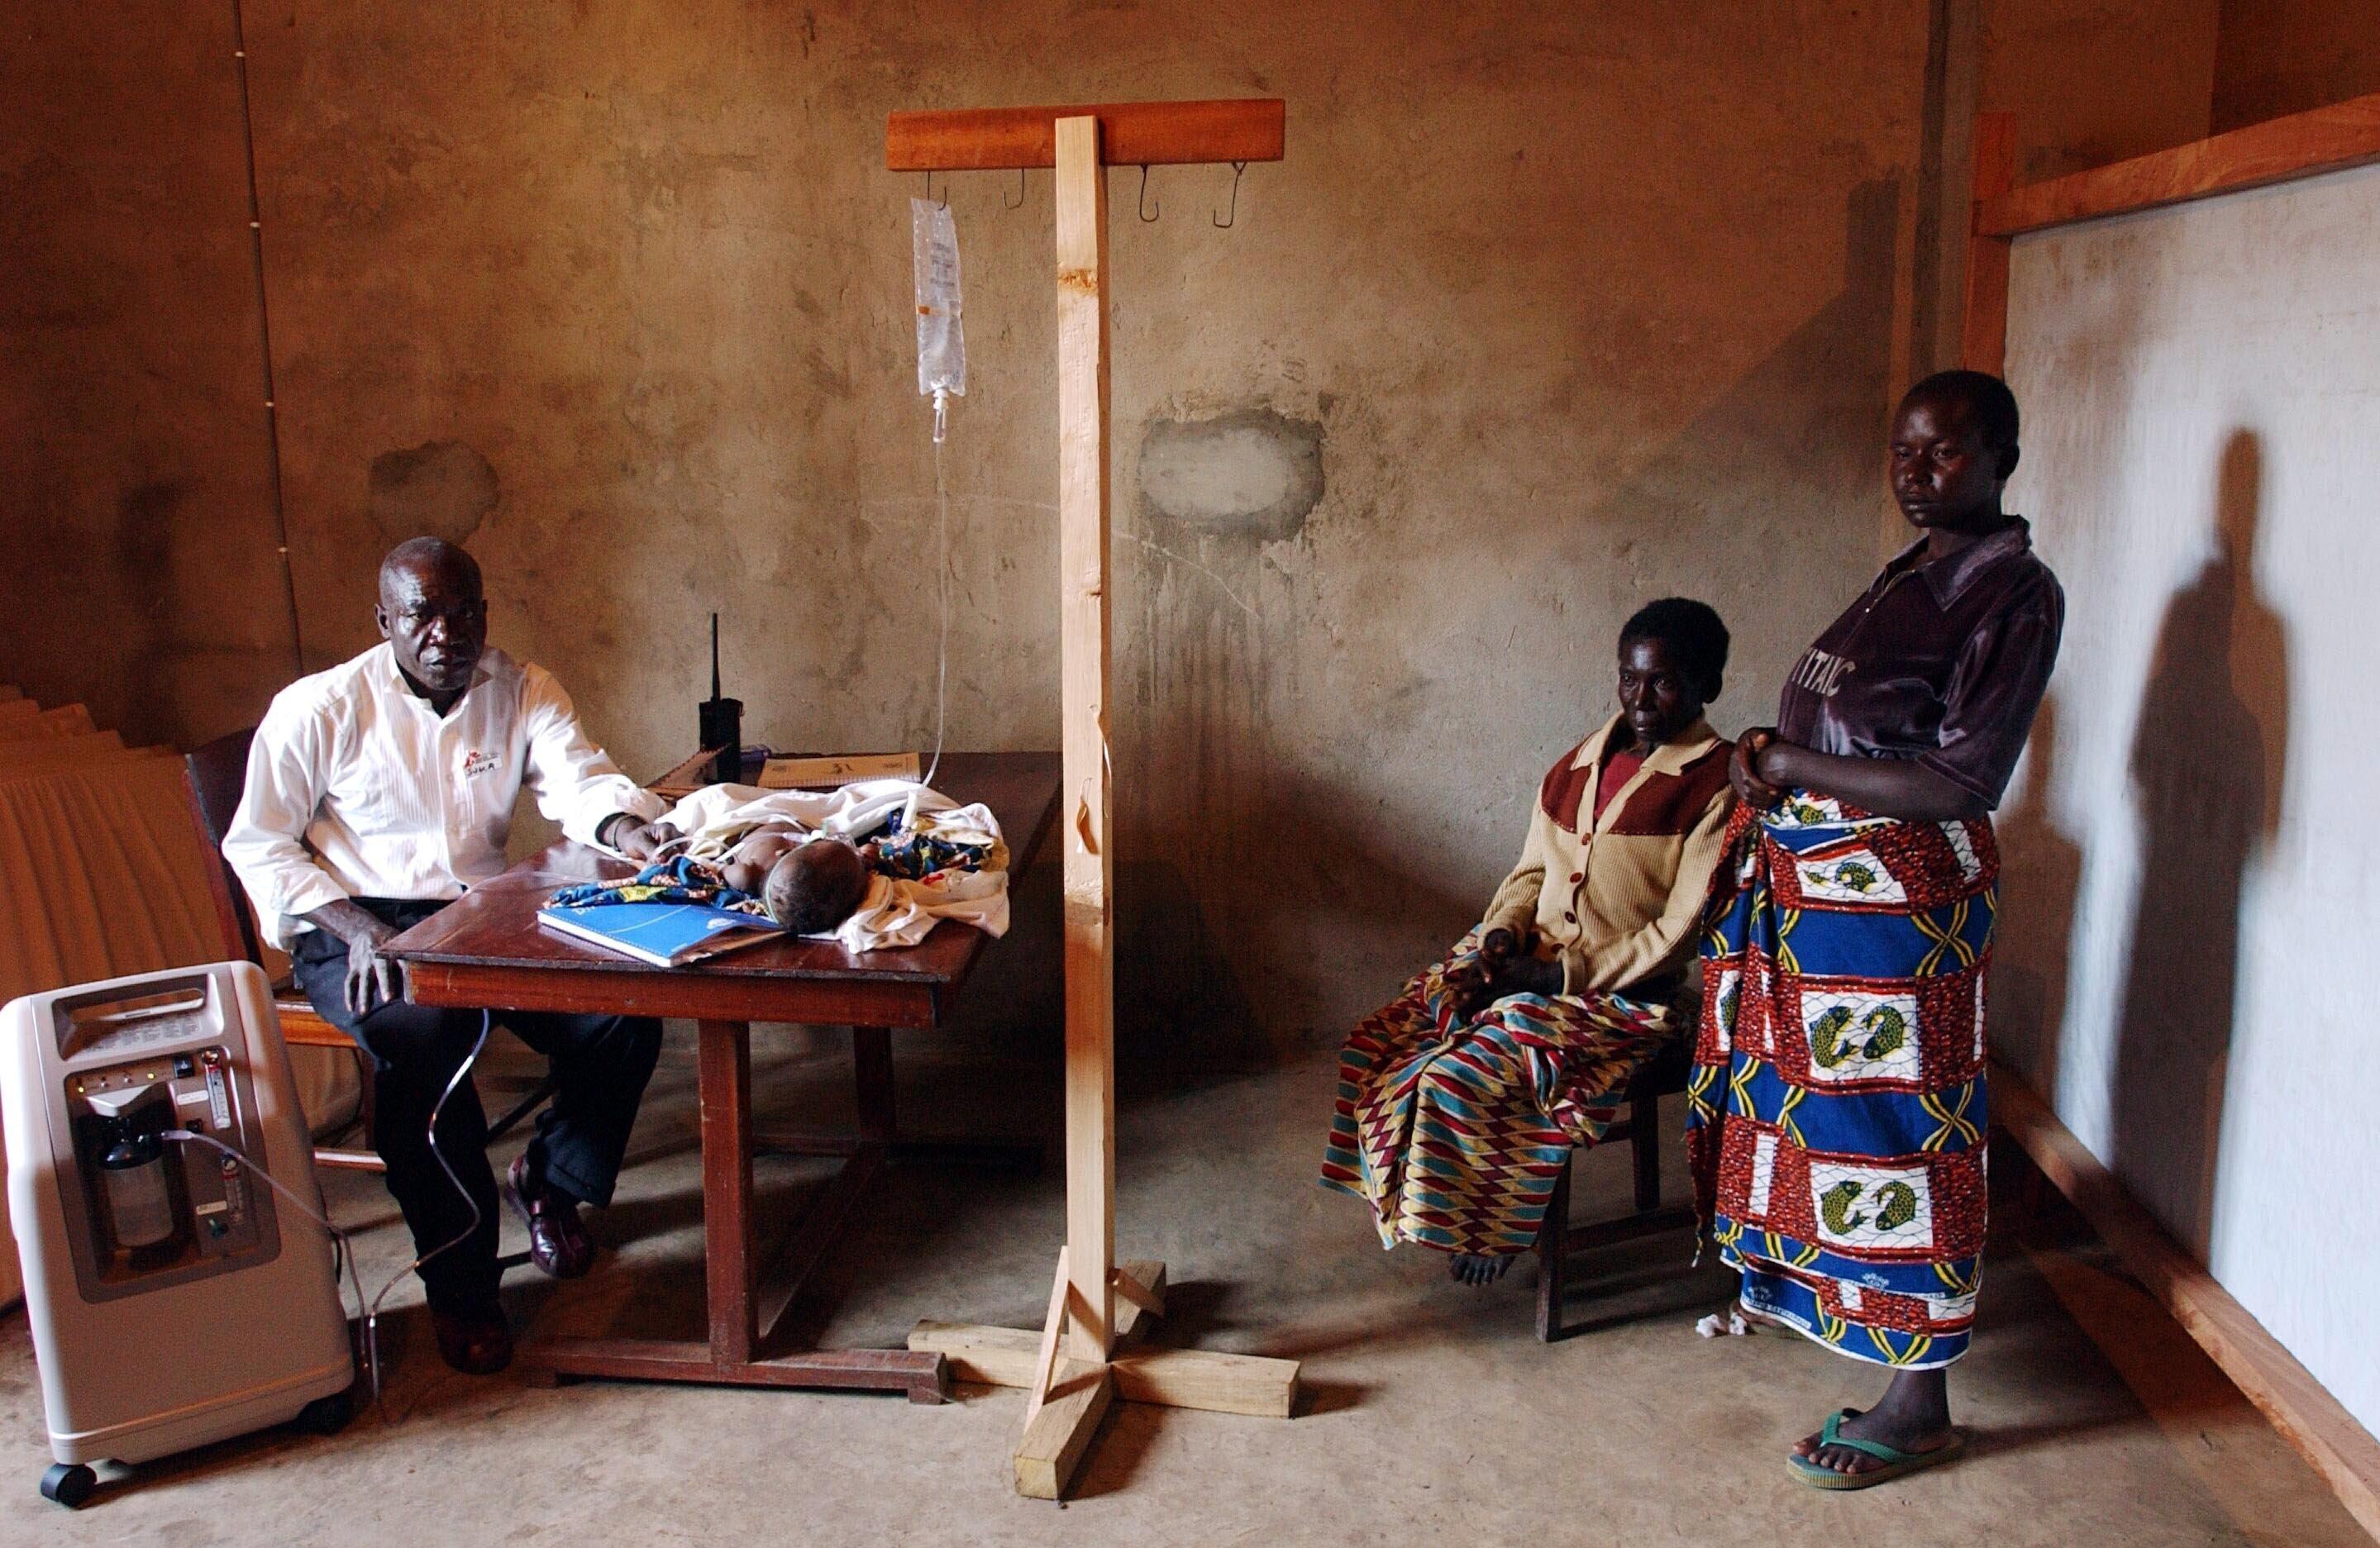 In der Sub-Sahara Afrikas infizieren sich jährlich 1,9 Millionen Menschen neu mit dem HIV-Virus.